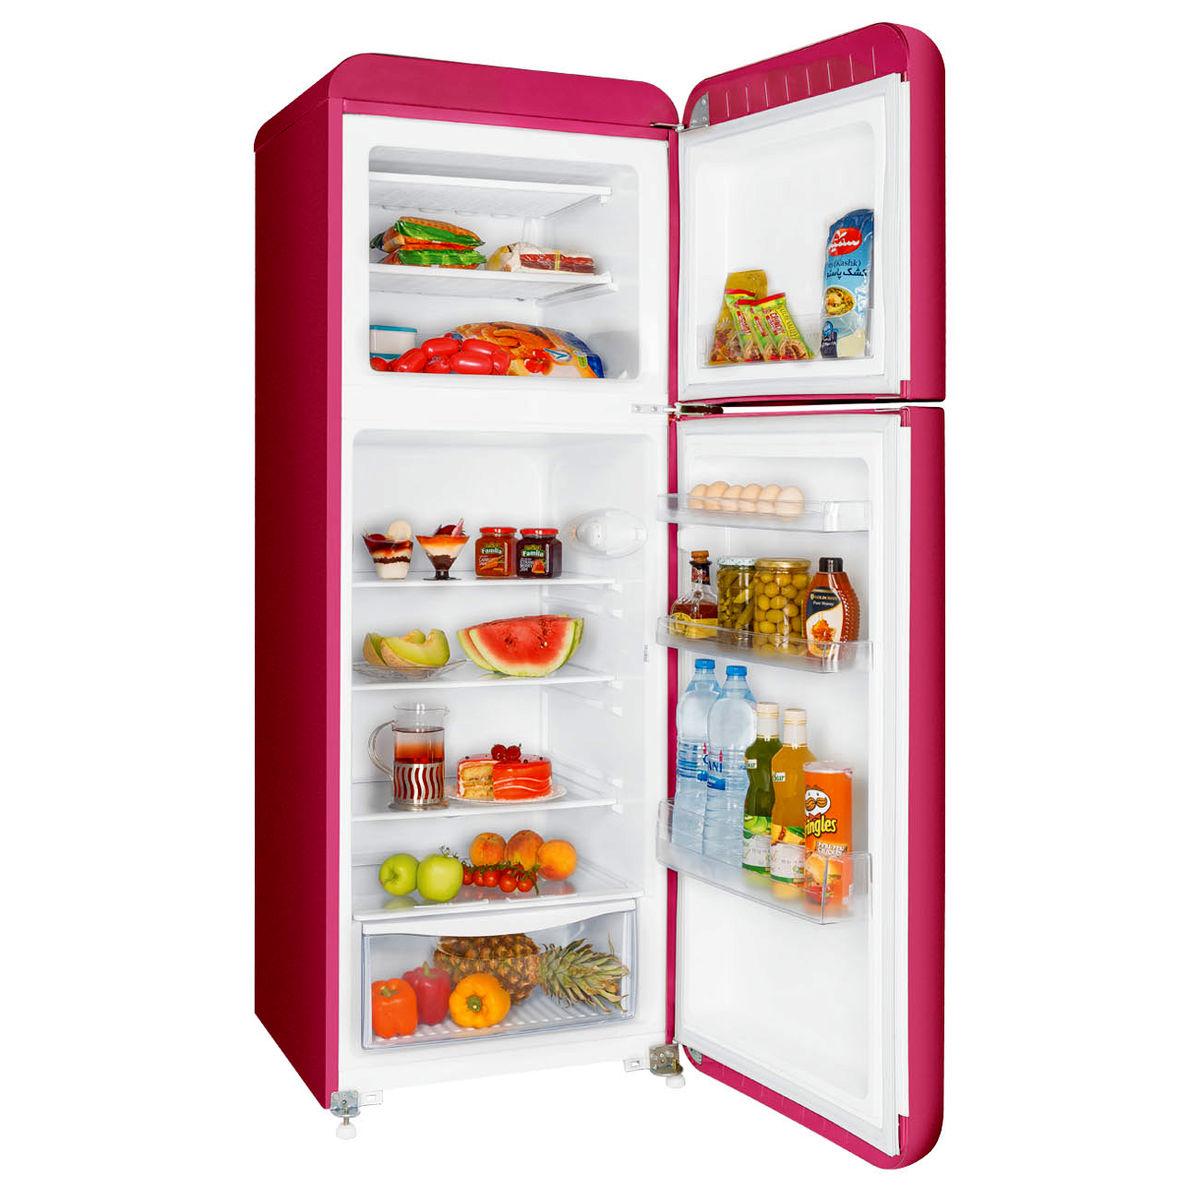 راهکارهایی برای جلوگیری از بو گرفتن یخچال